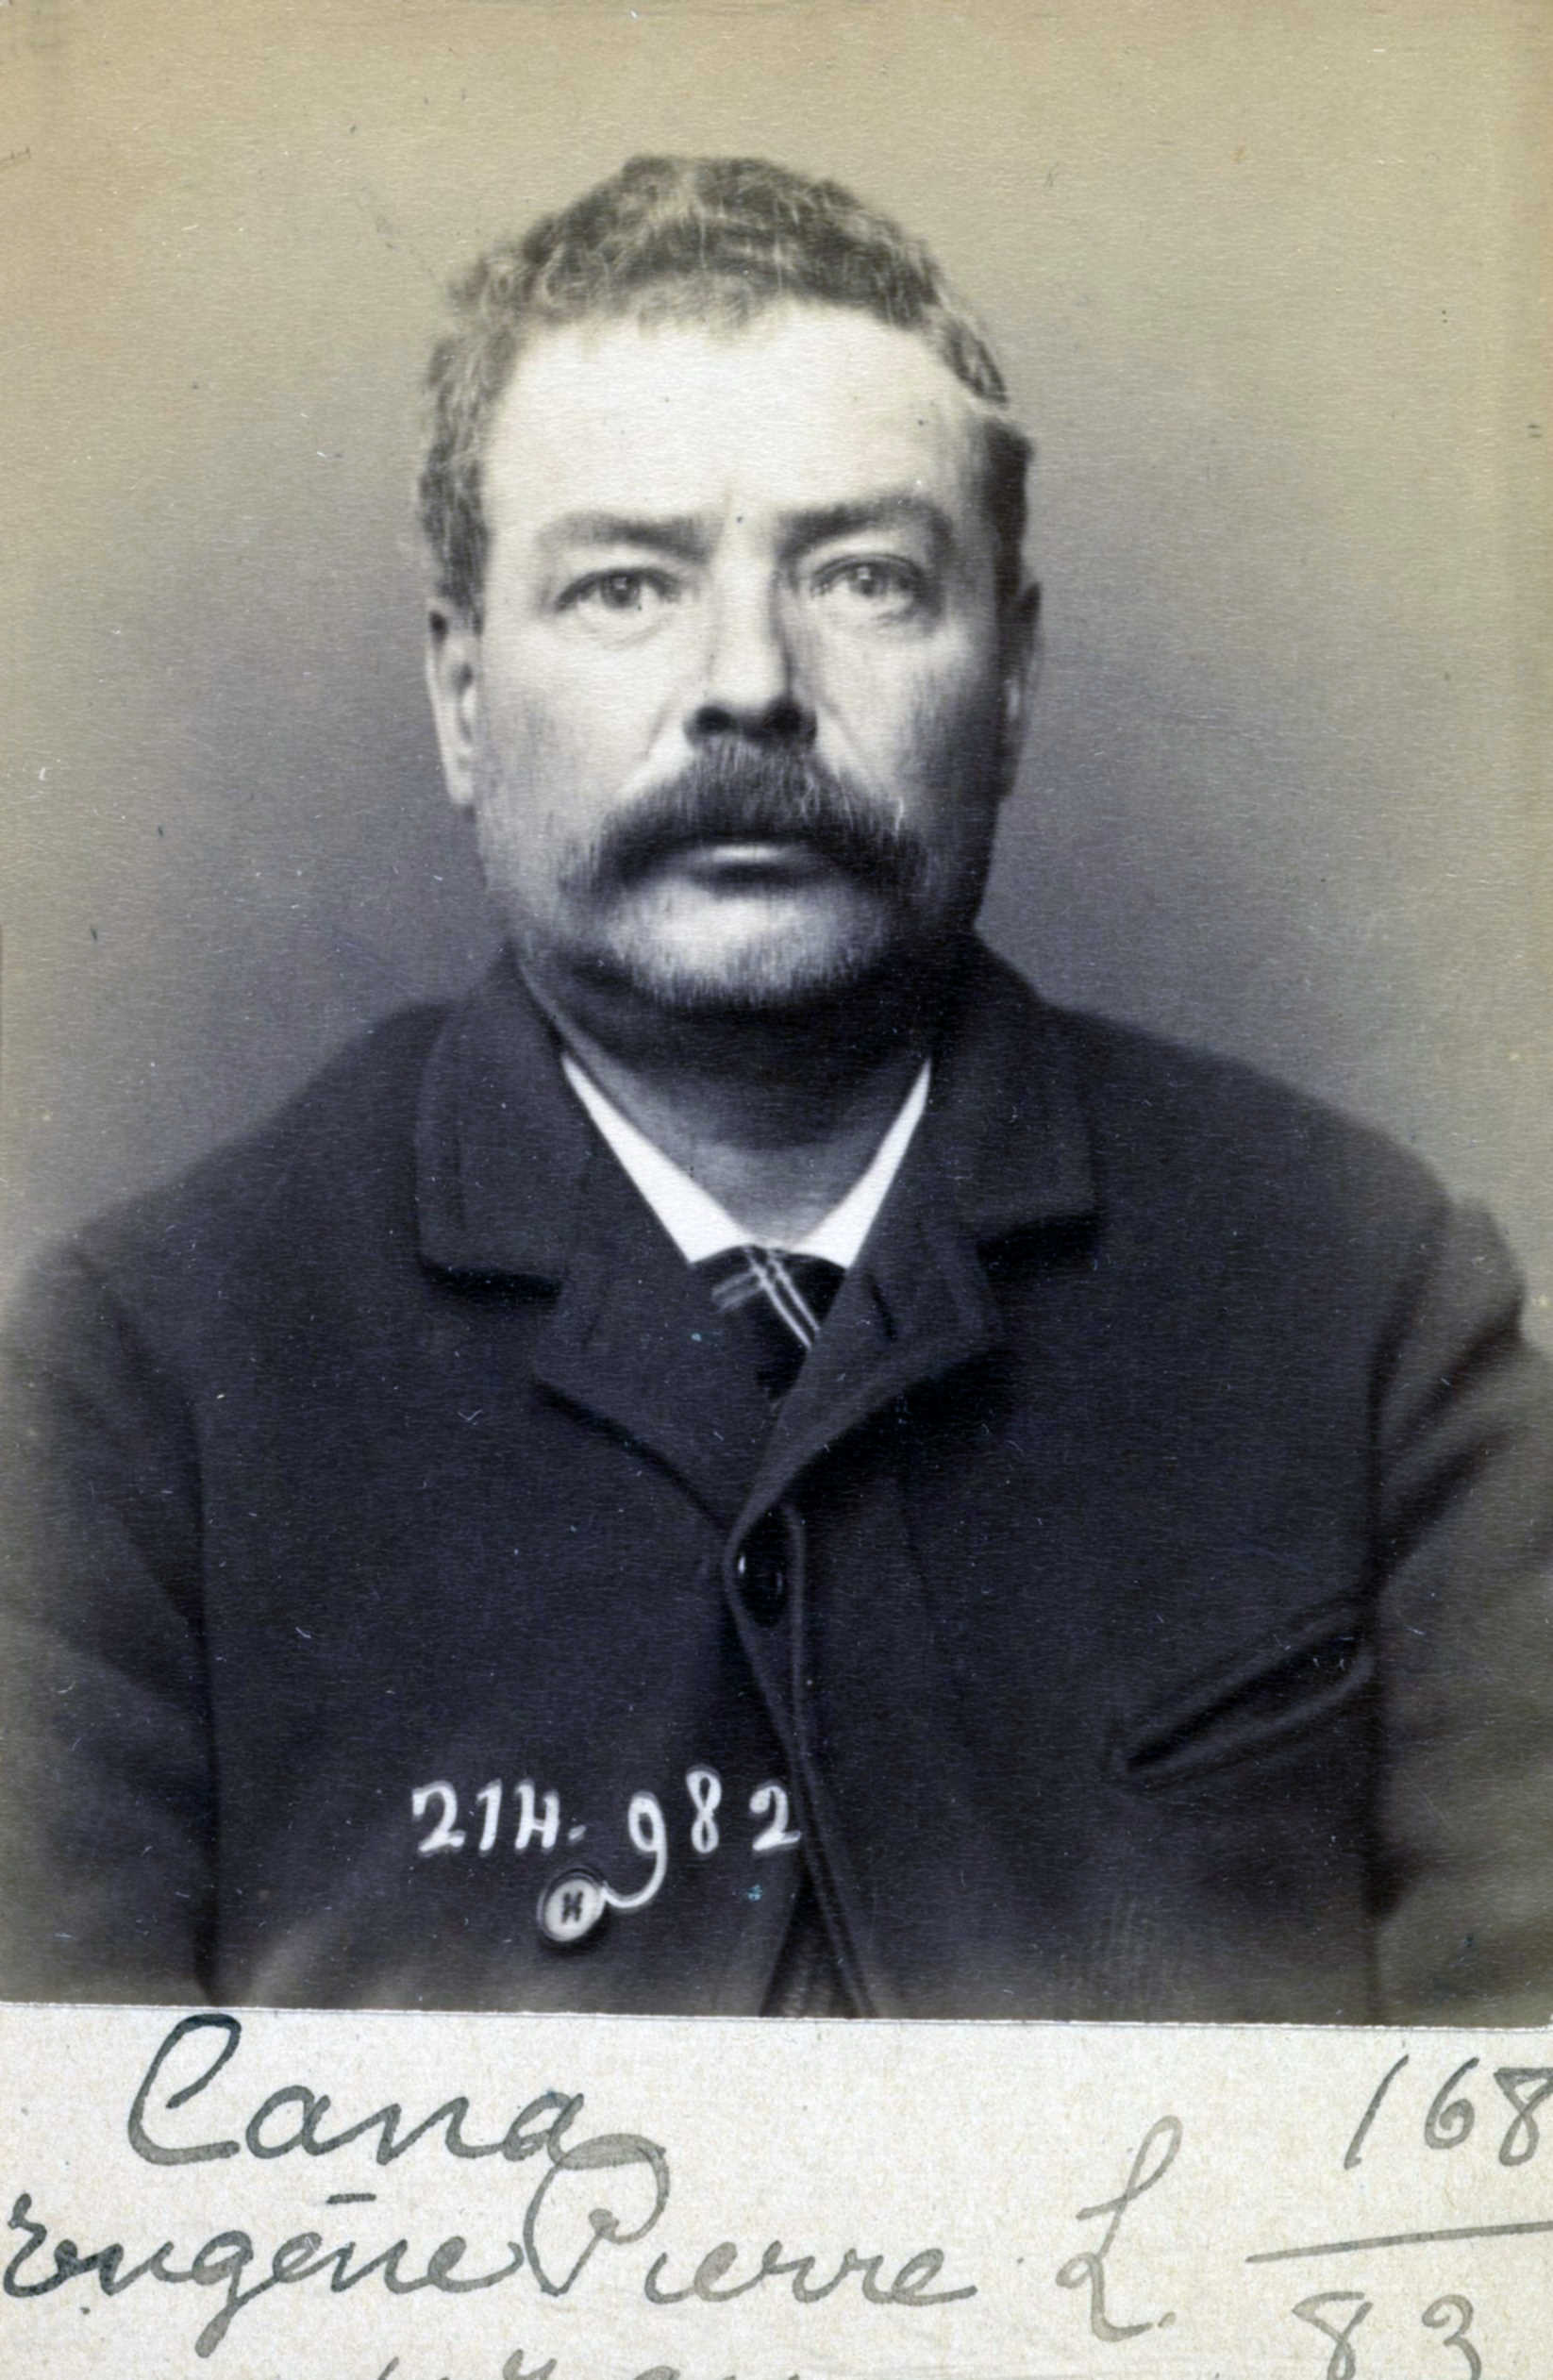 Foto policíaca de Pierre Eugène Cana (2 de març de 1894)